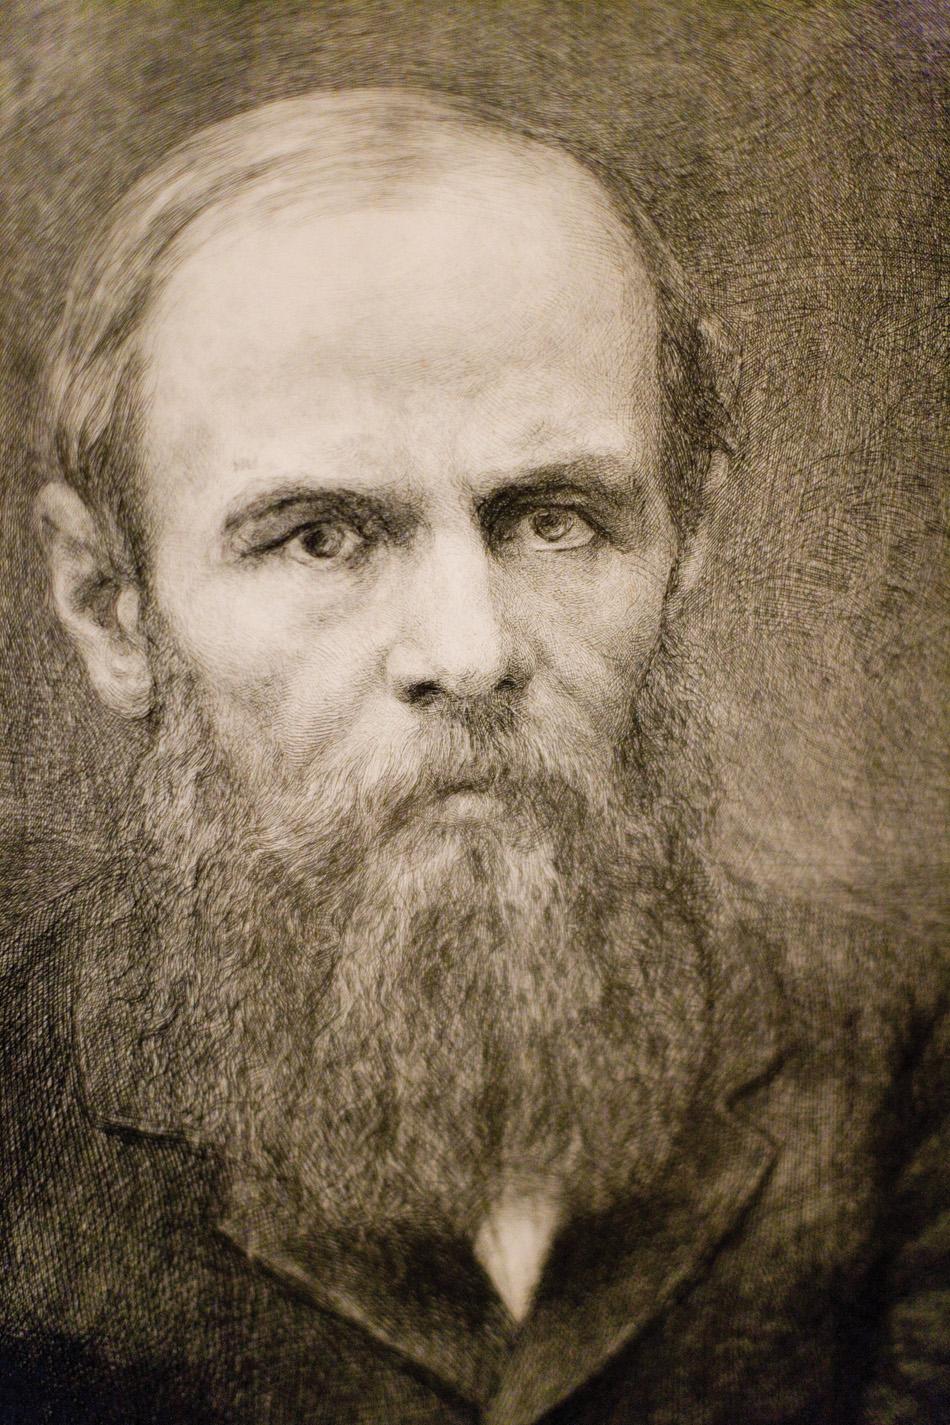 Portrait of Russian novelist Fyodor Dostoevsky.